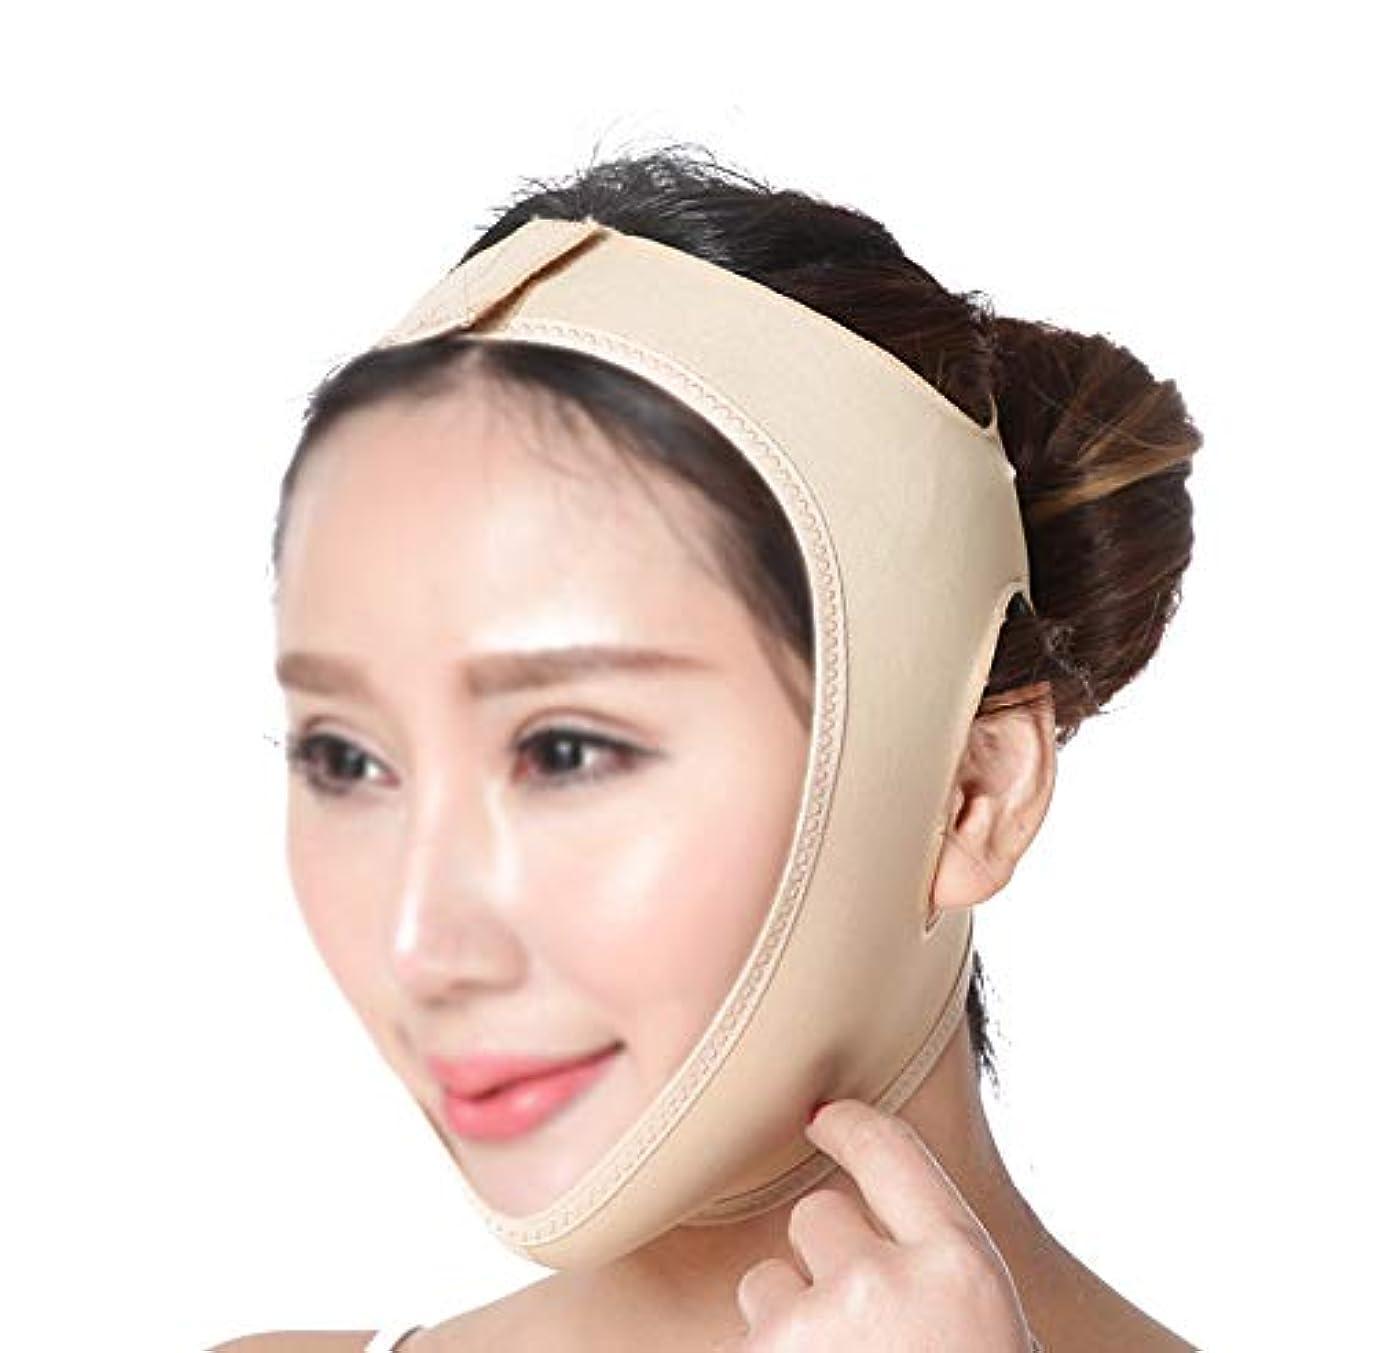 責運賃保存美容顔包帯v顔楽器フェイスマスクアーティファクトフェイスリフト引き締め睡眠ネットワークフェイシャルマッサージ (Size : S)